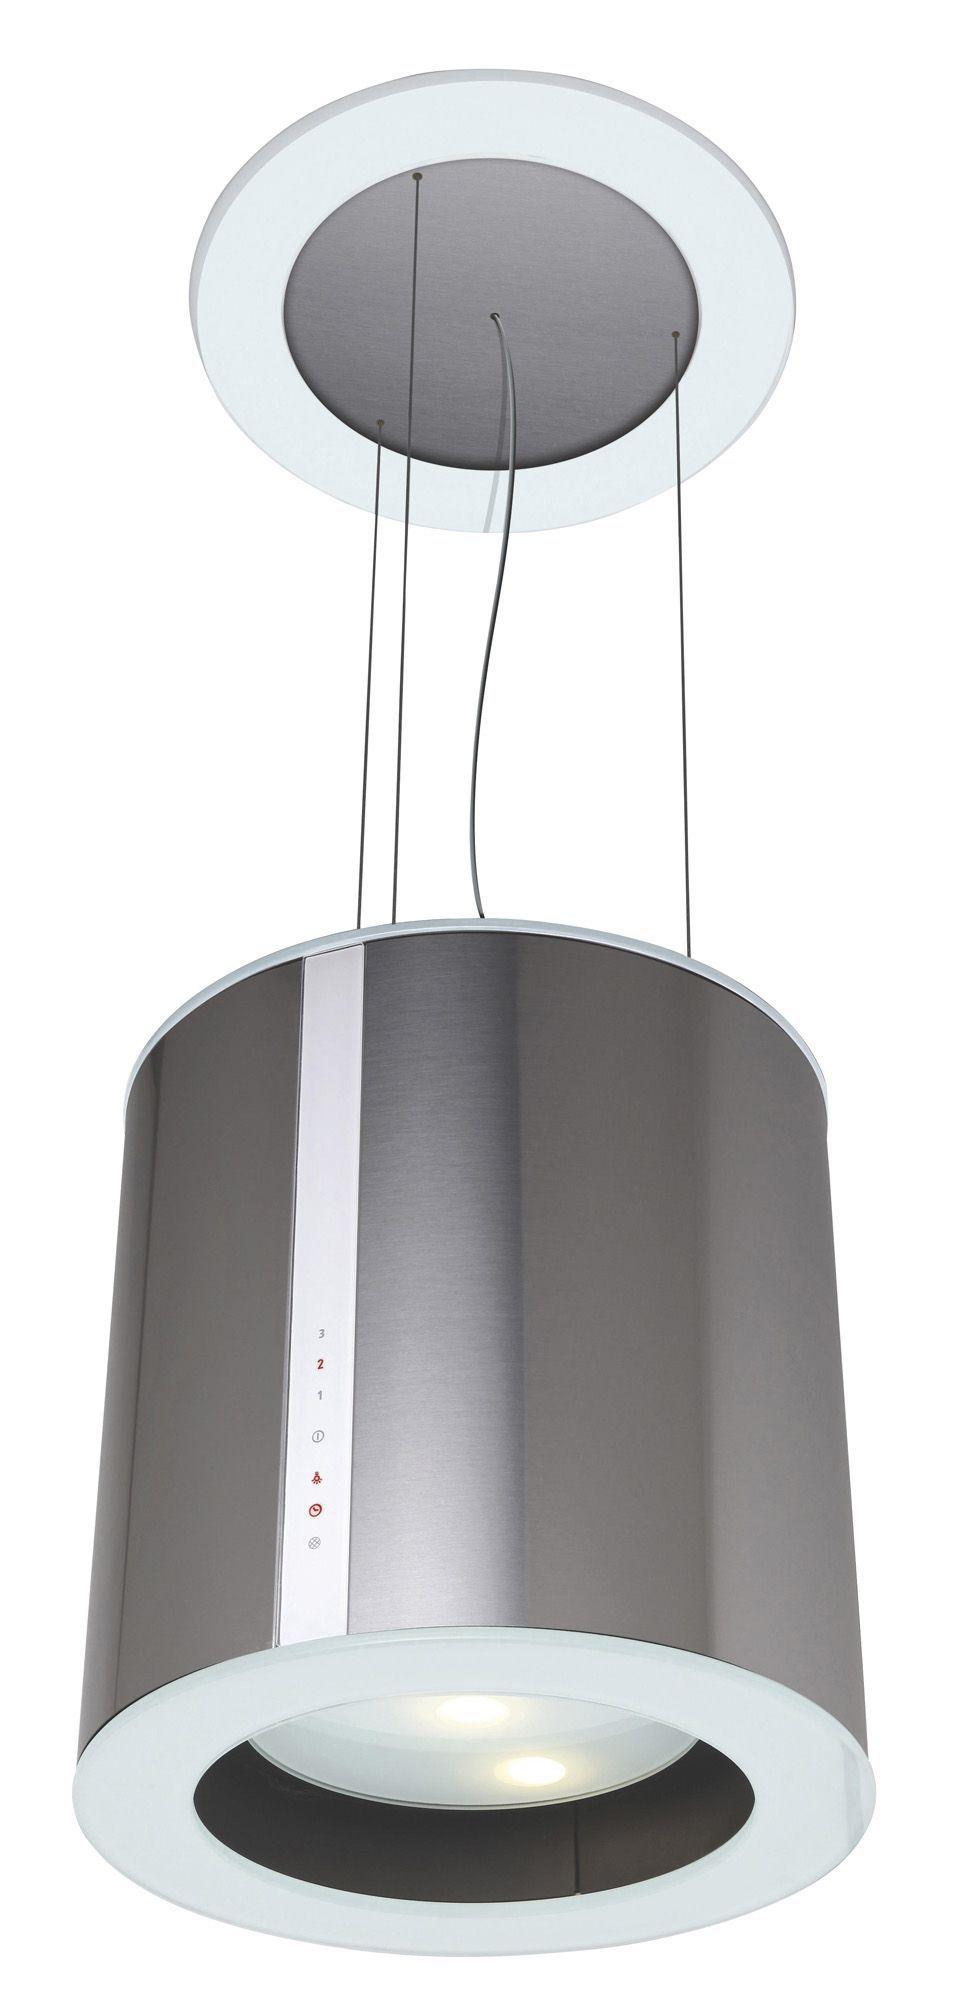 Designair chandelier stainless steel island cooker hood w 400mm designair chandelier stainless steel island cooker hood w 400mm departments diy at bq workwithnaturefo